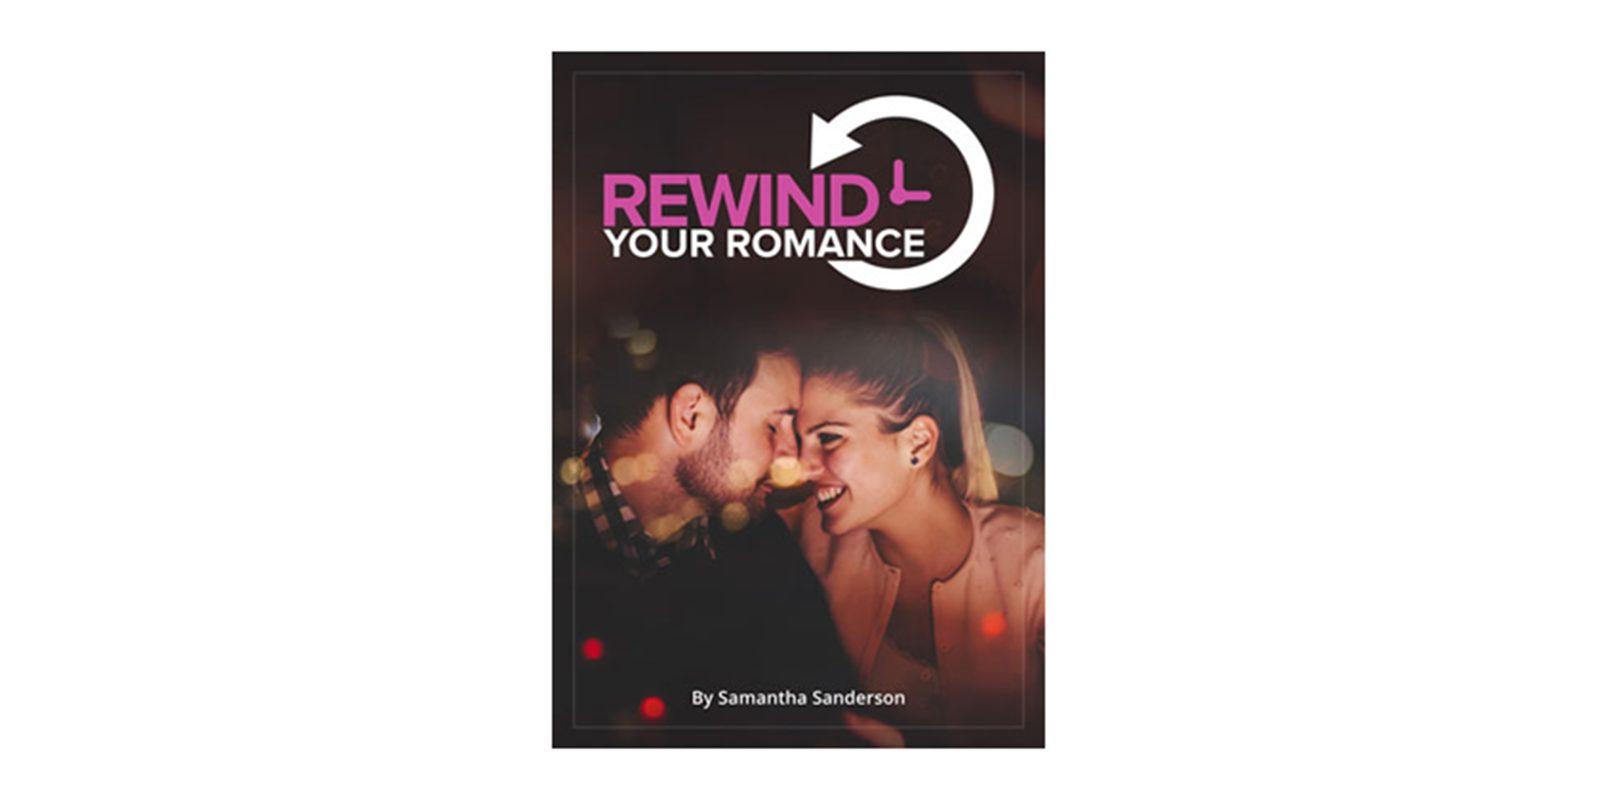 Rewind Your Romance Reviews